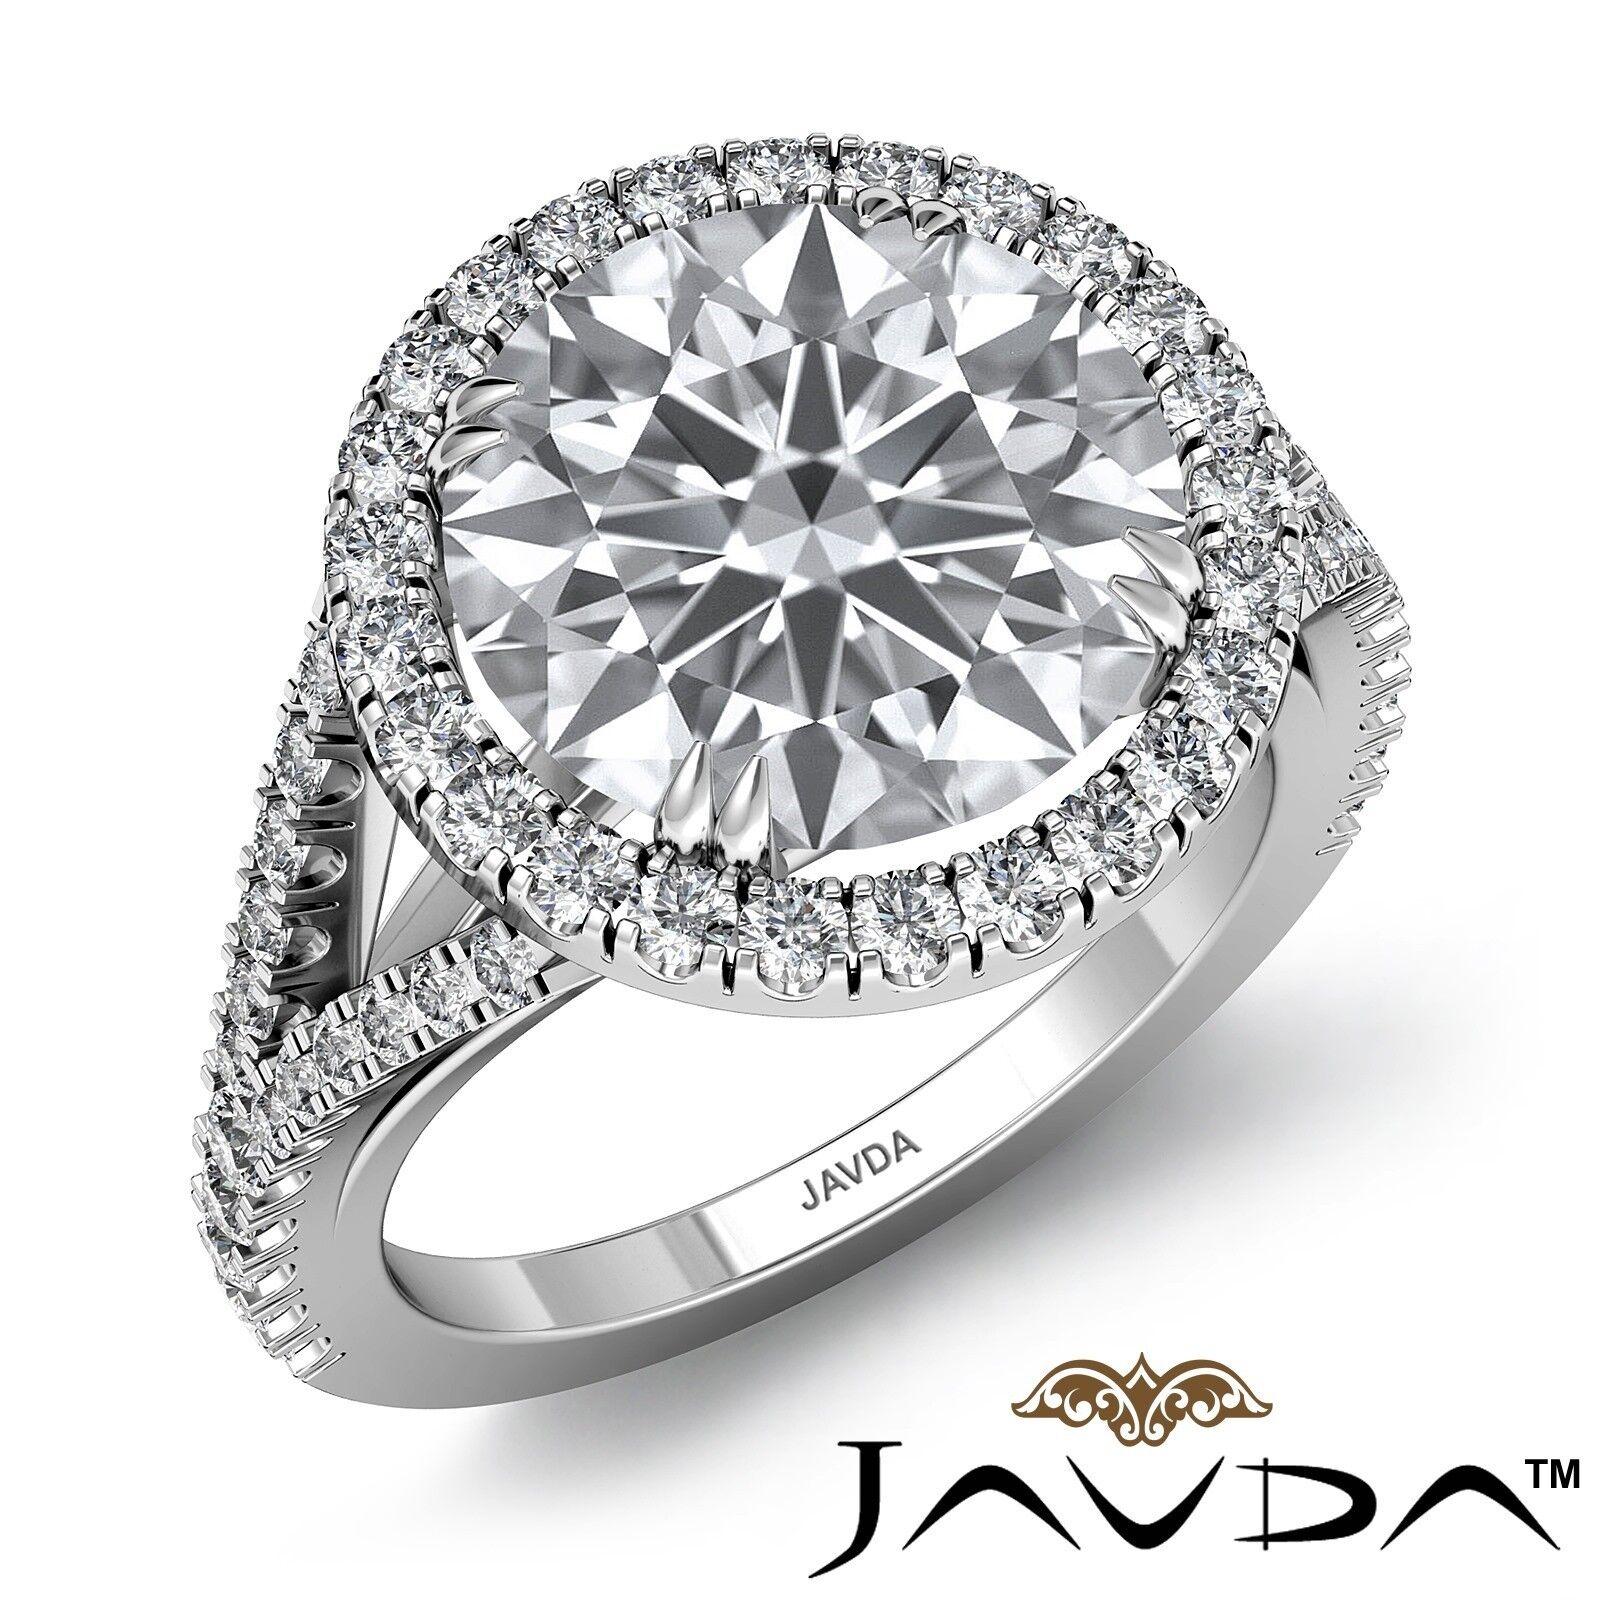 4.24ctw Basket Set Round Diamond Engagement Ring GIA I-VVS2 Platinum Women Rings